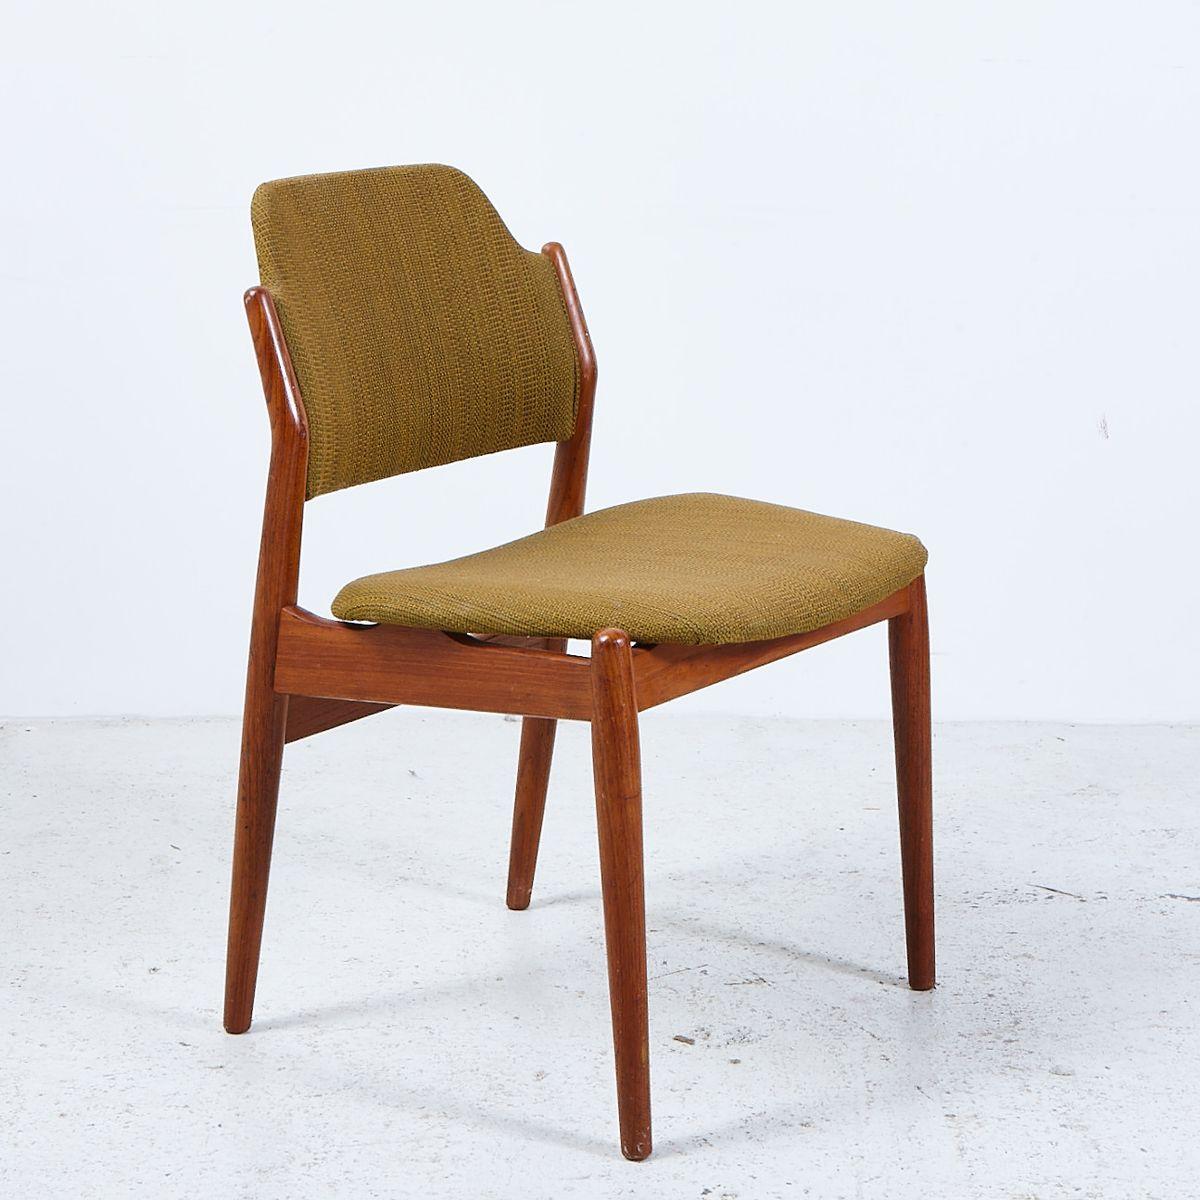 chaise d appoint mod le 62a en teck par arne vodder pour sibast 1961 en vente sur pamono. Black Bedroom Furniture Sets. Home Design Ideas